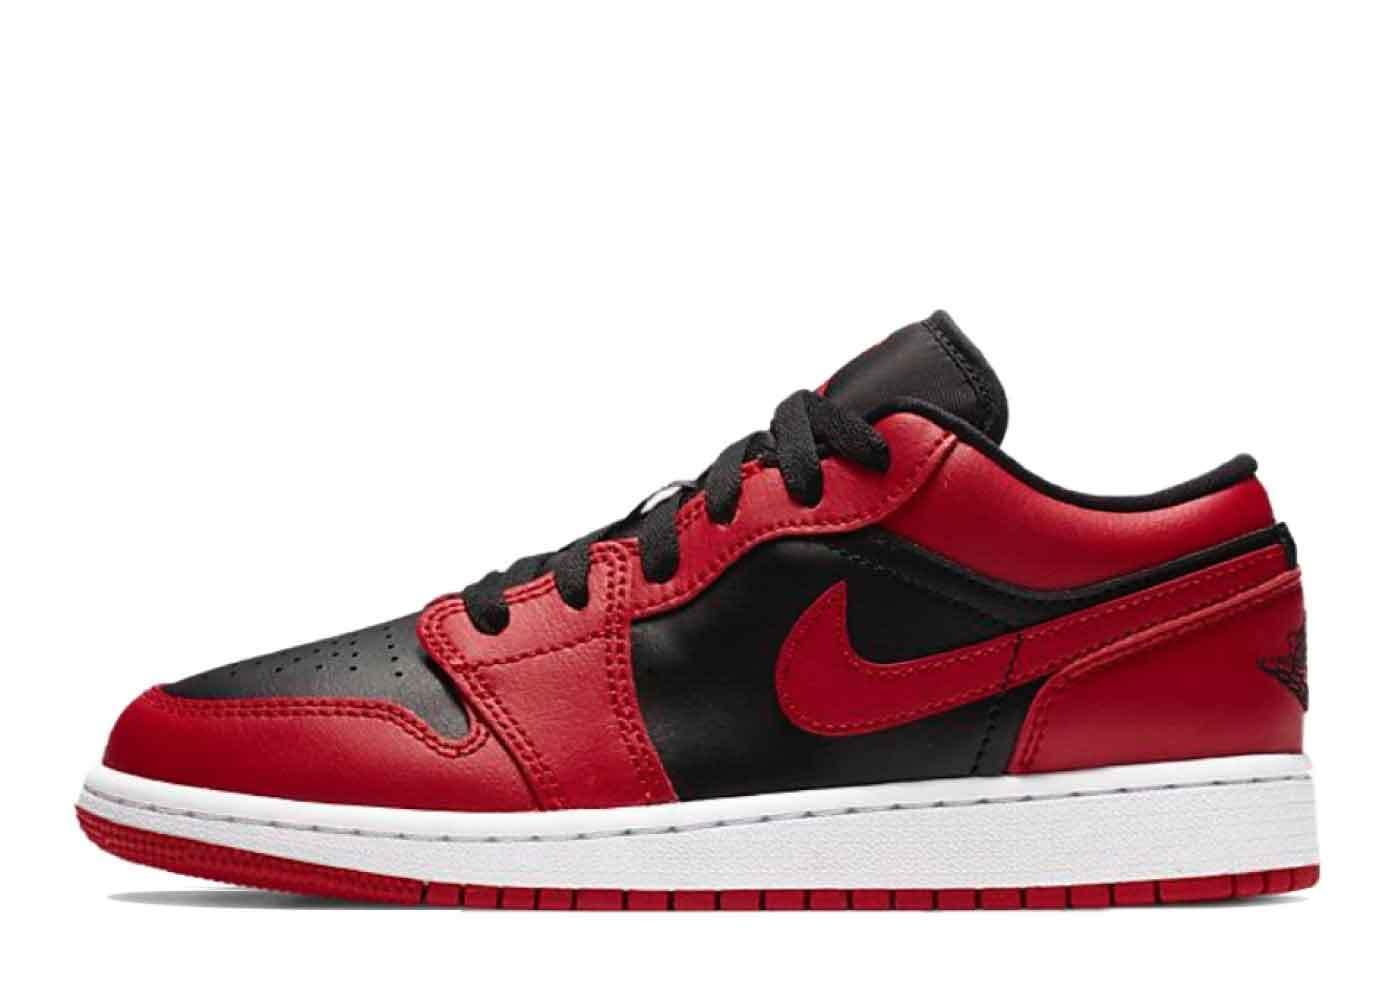 Nike Air Jordan 1 Low Varsity Red (GS)の写真